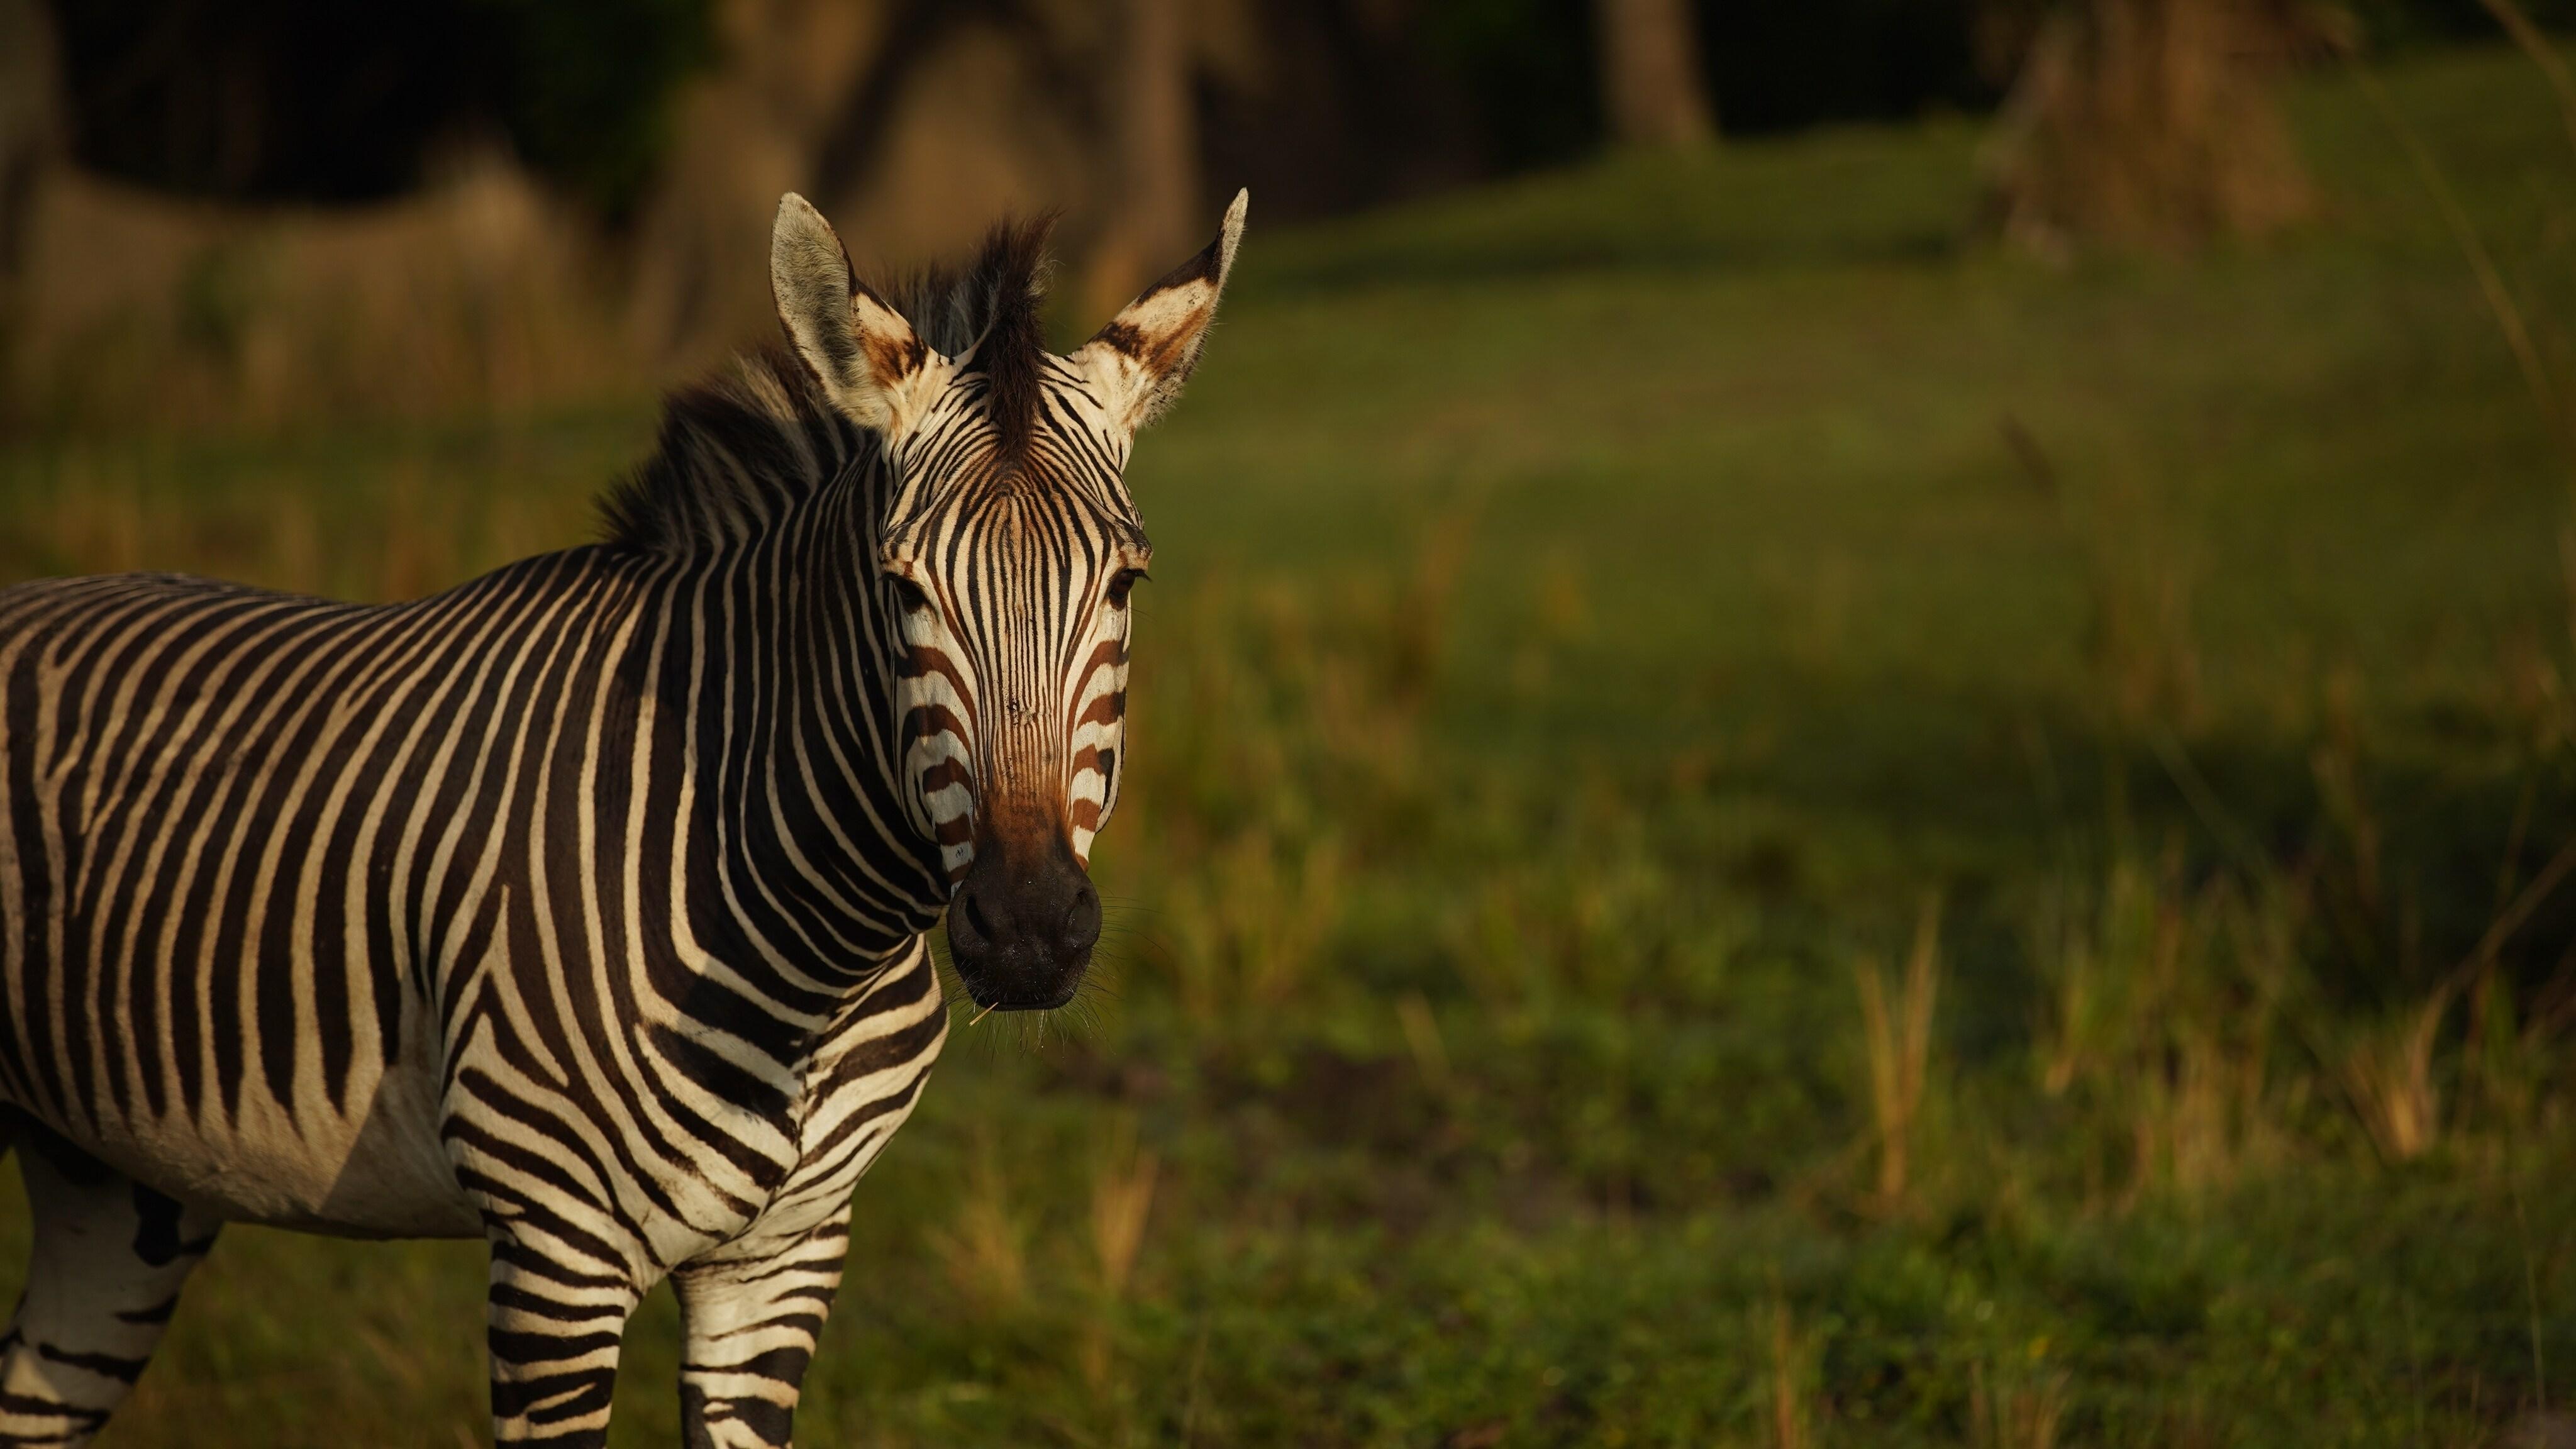 Domino the Hartmann's Mountain Zebra. (Disney)